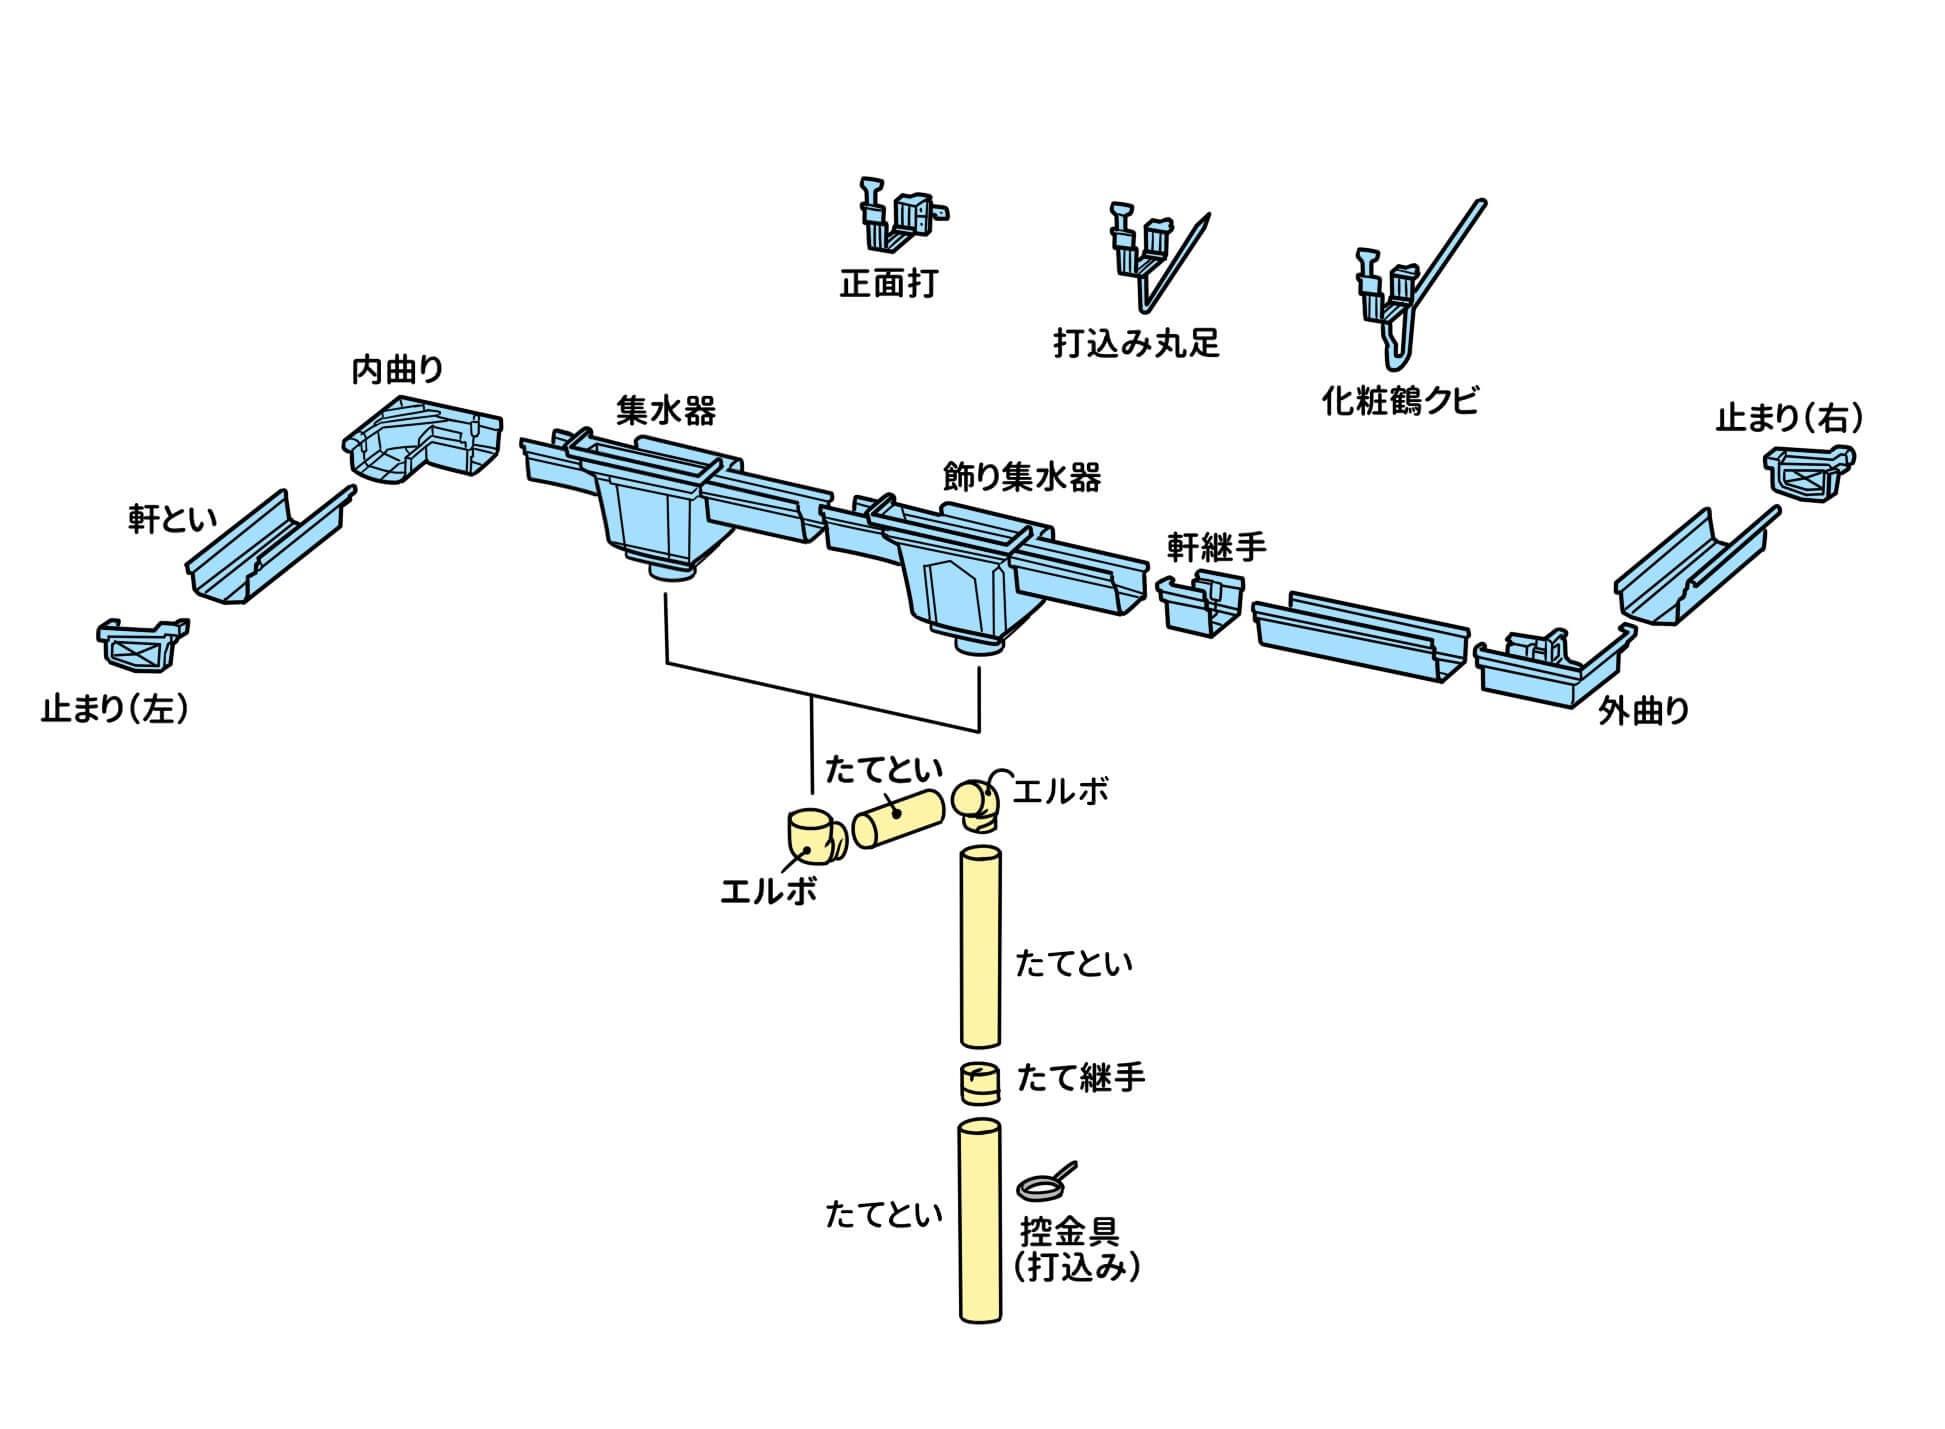 樋の構成とおよその必要部材の数量を知るための樋の構成図だ。